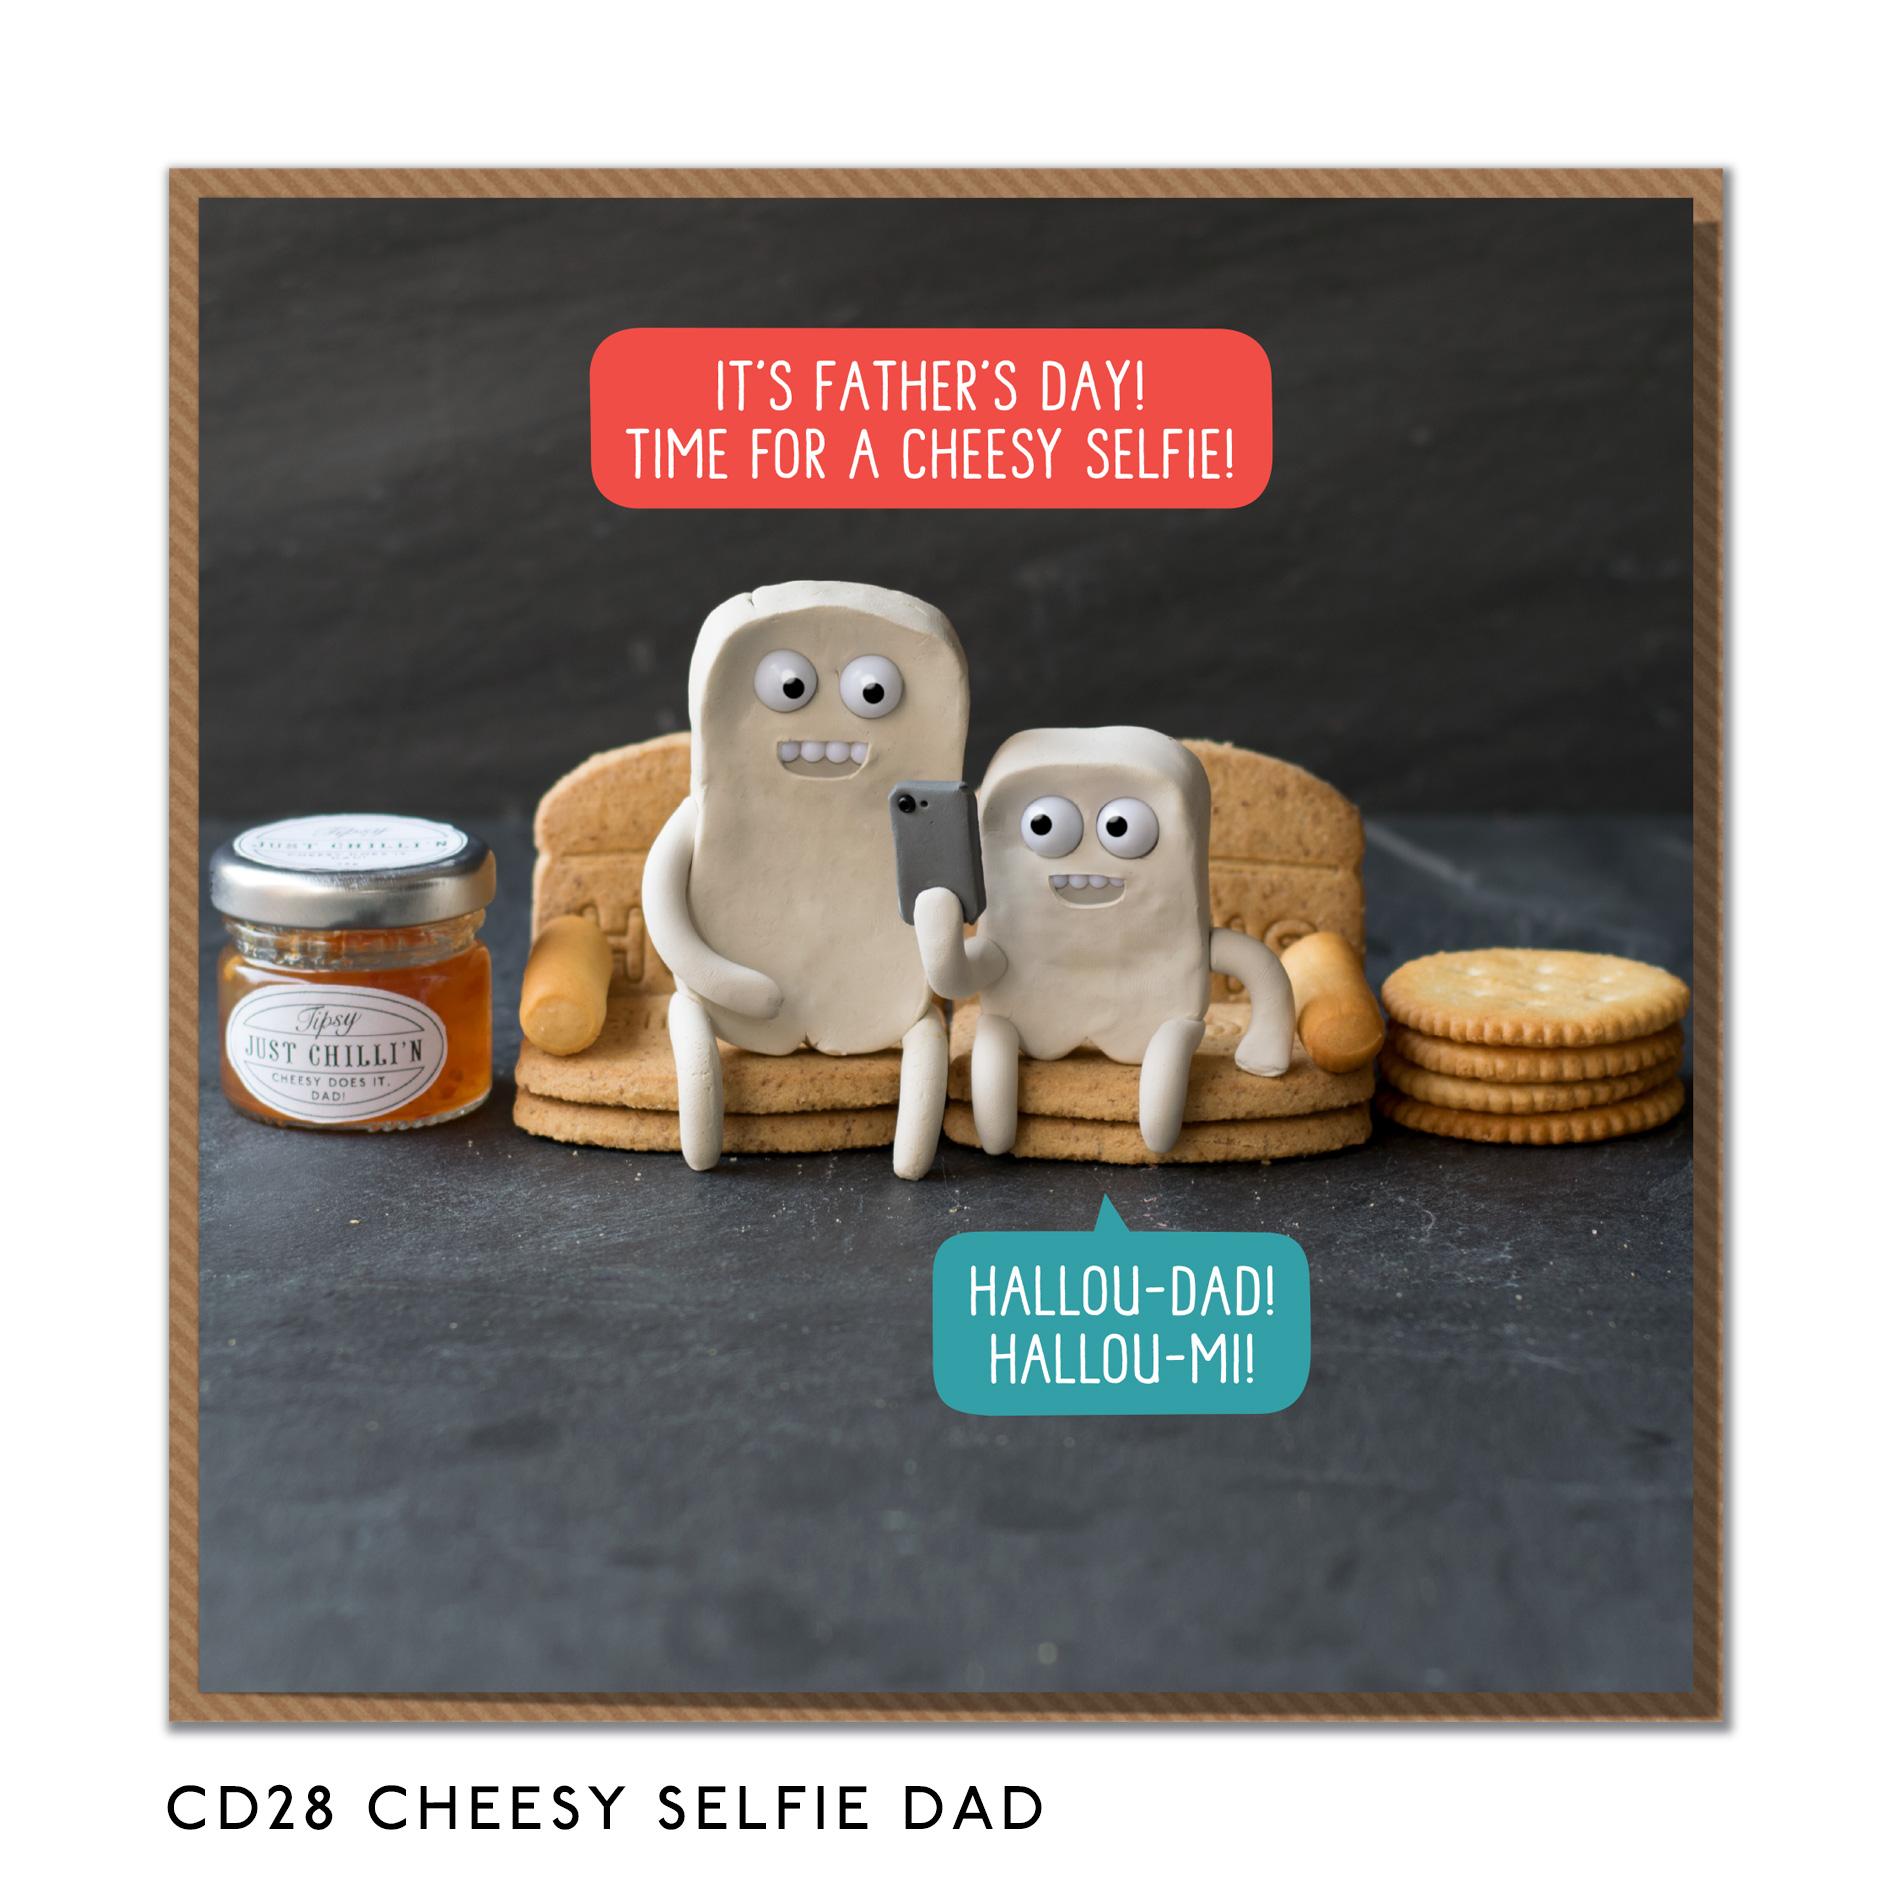 CD28-CHEESY-SELFIE-DAD2.jpg